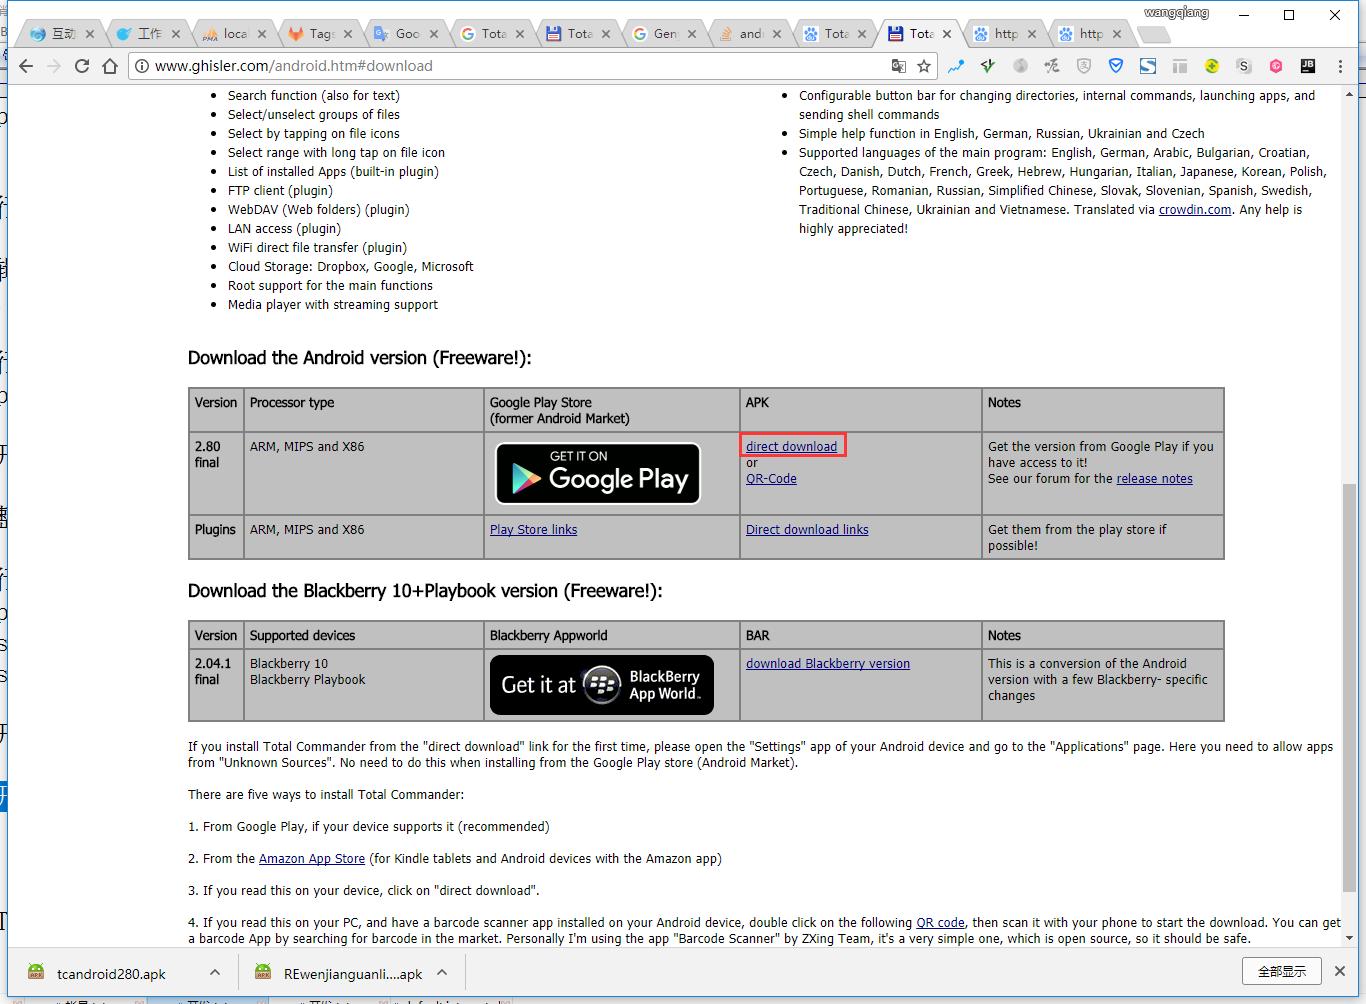 打开网址:http://www.ghisler.com/android.htm#download ,下载 Total Commander